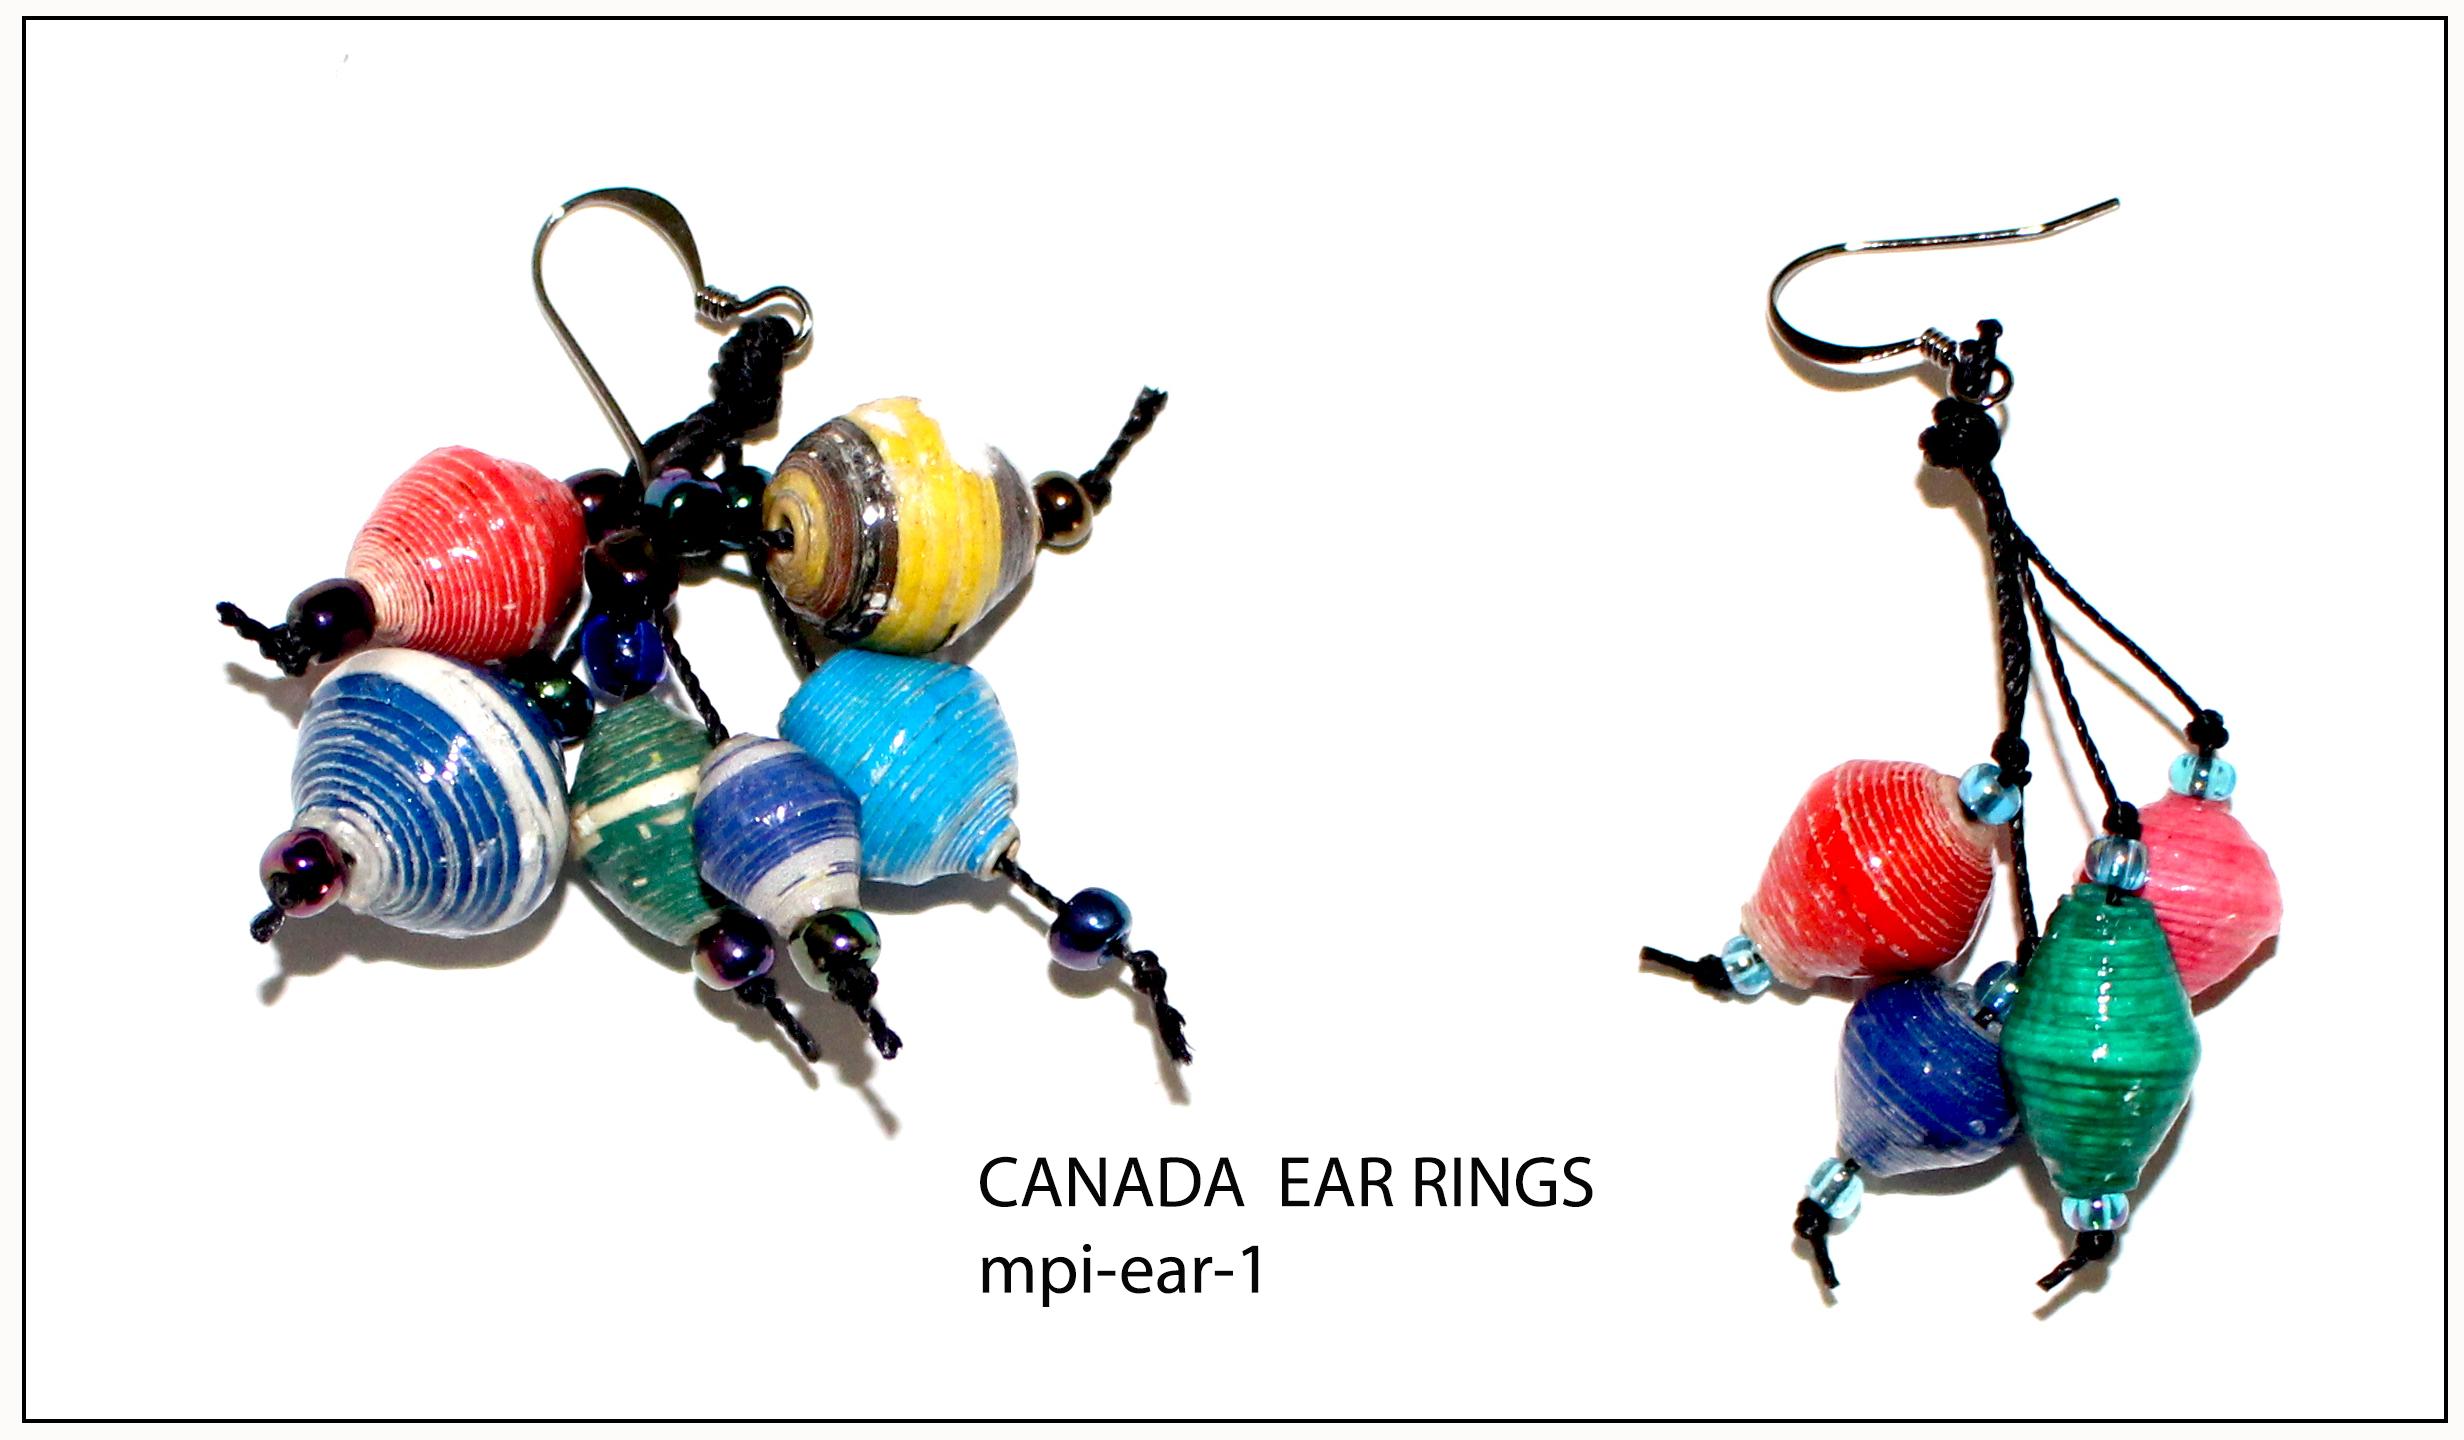 Canada Ear Rings (mpi-ear-1)